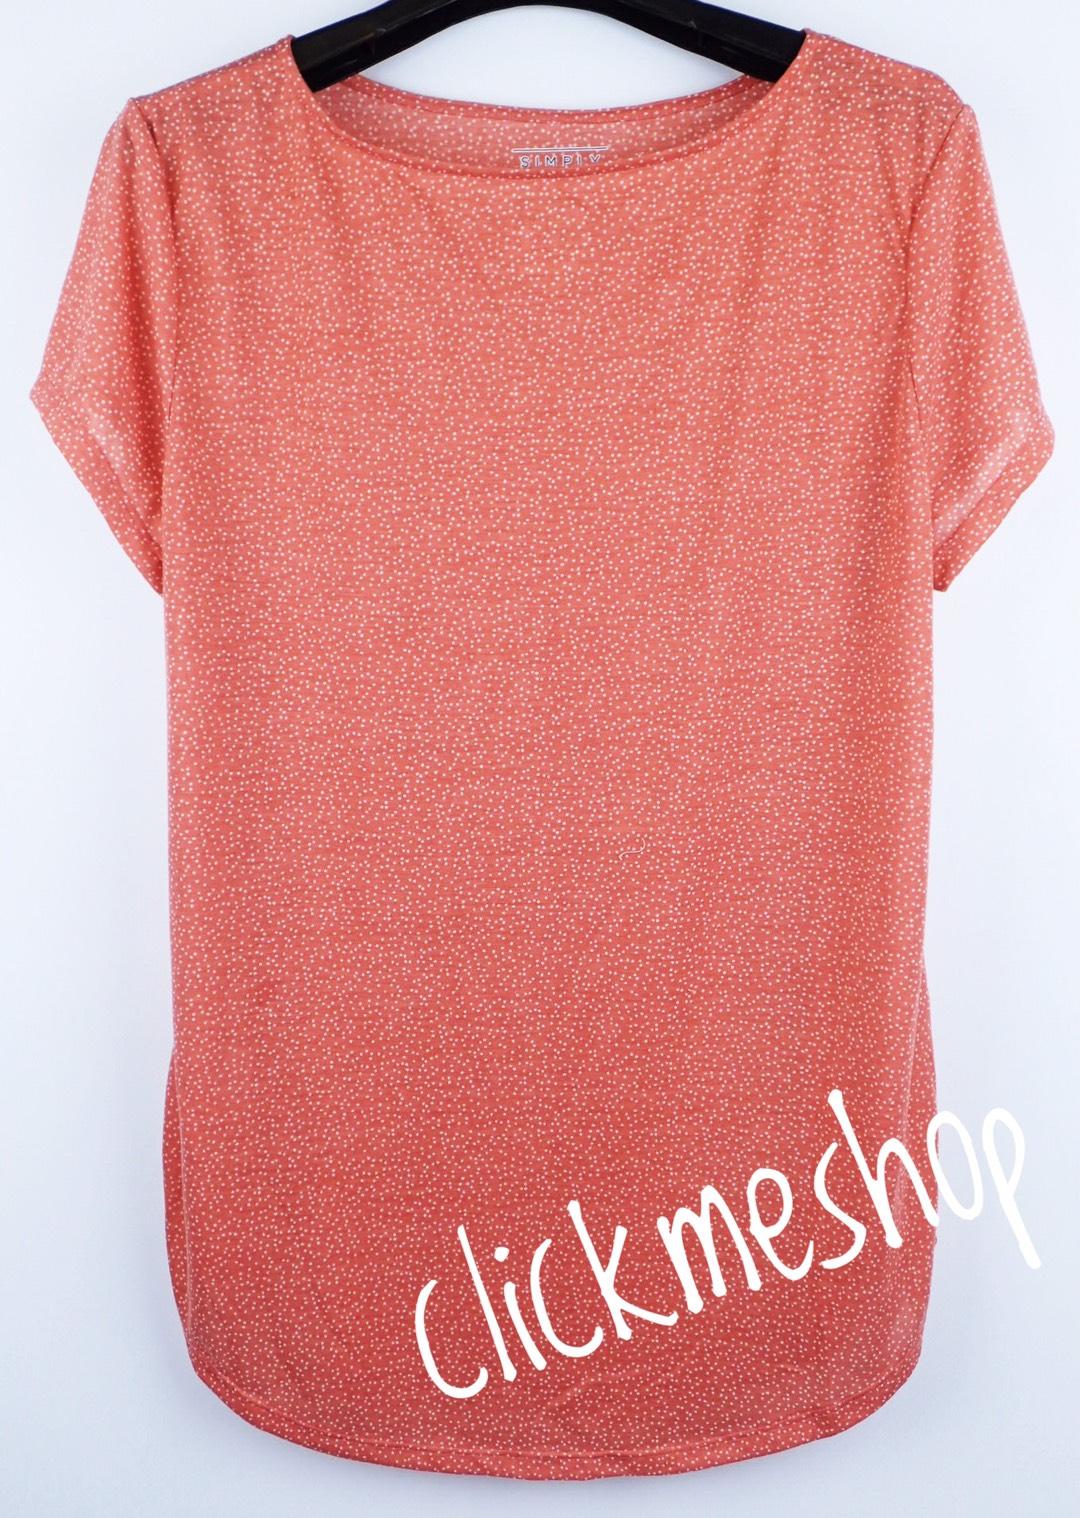 (ไซส์ L หน้าอก 42-44 นิ้ว) เสื้อยืดผ้านิ่ม สีชมพูจุด ยี่ห้อ simply คอปาดหน่อยๆน่ารักคะ